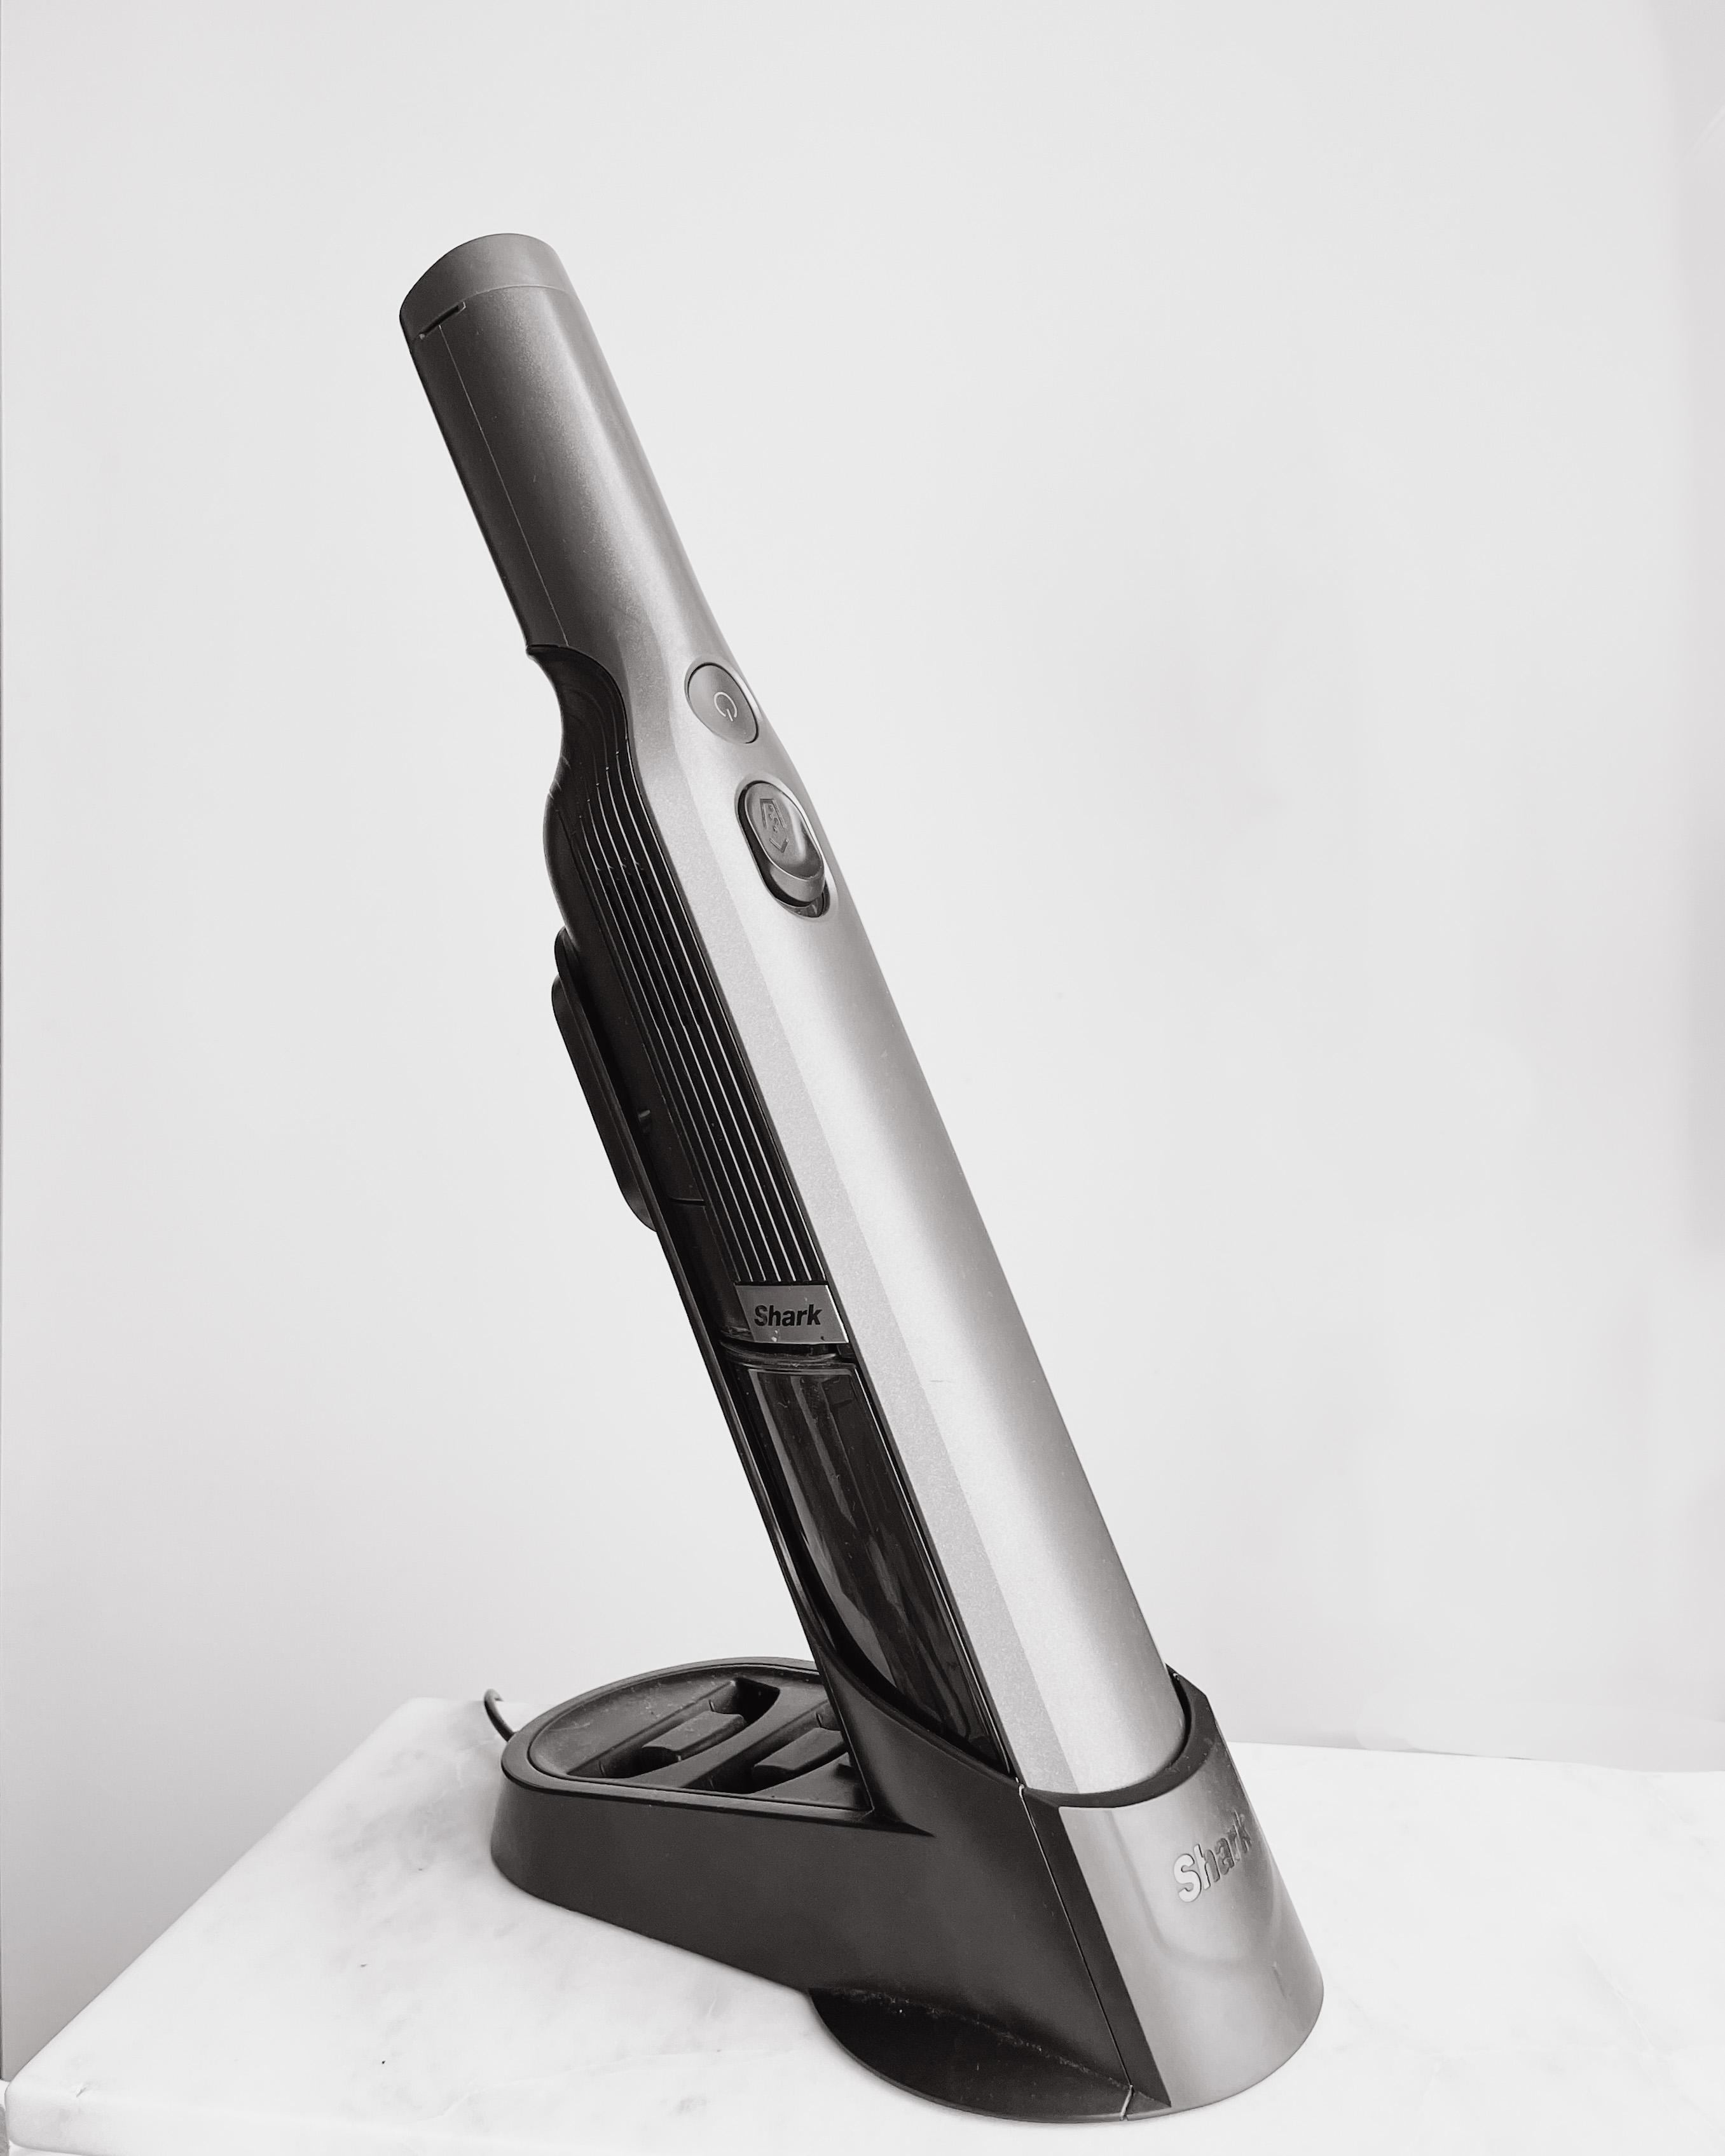 shark handheld vacuum